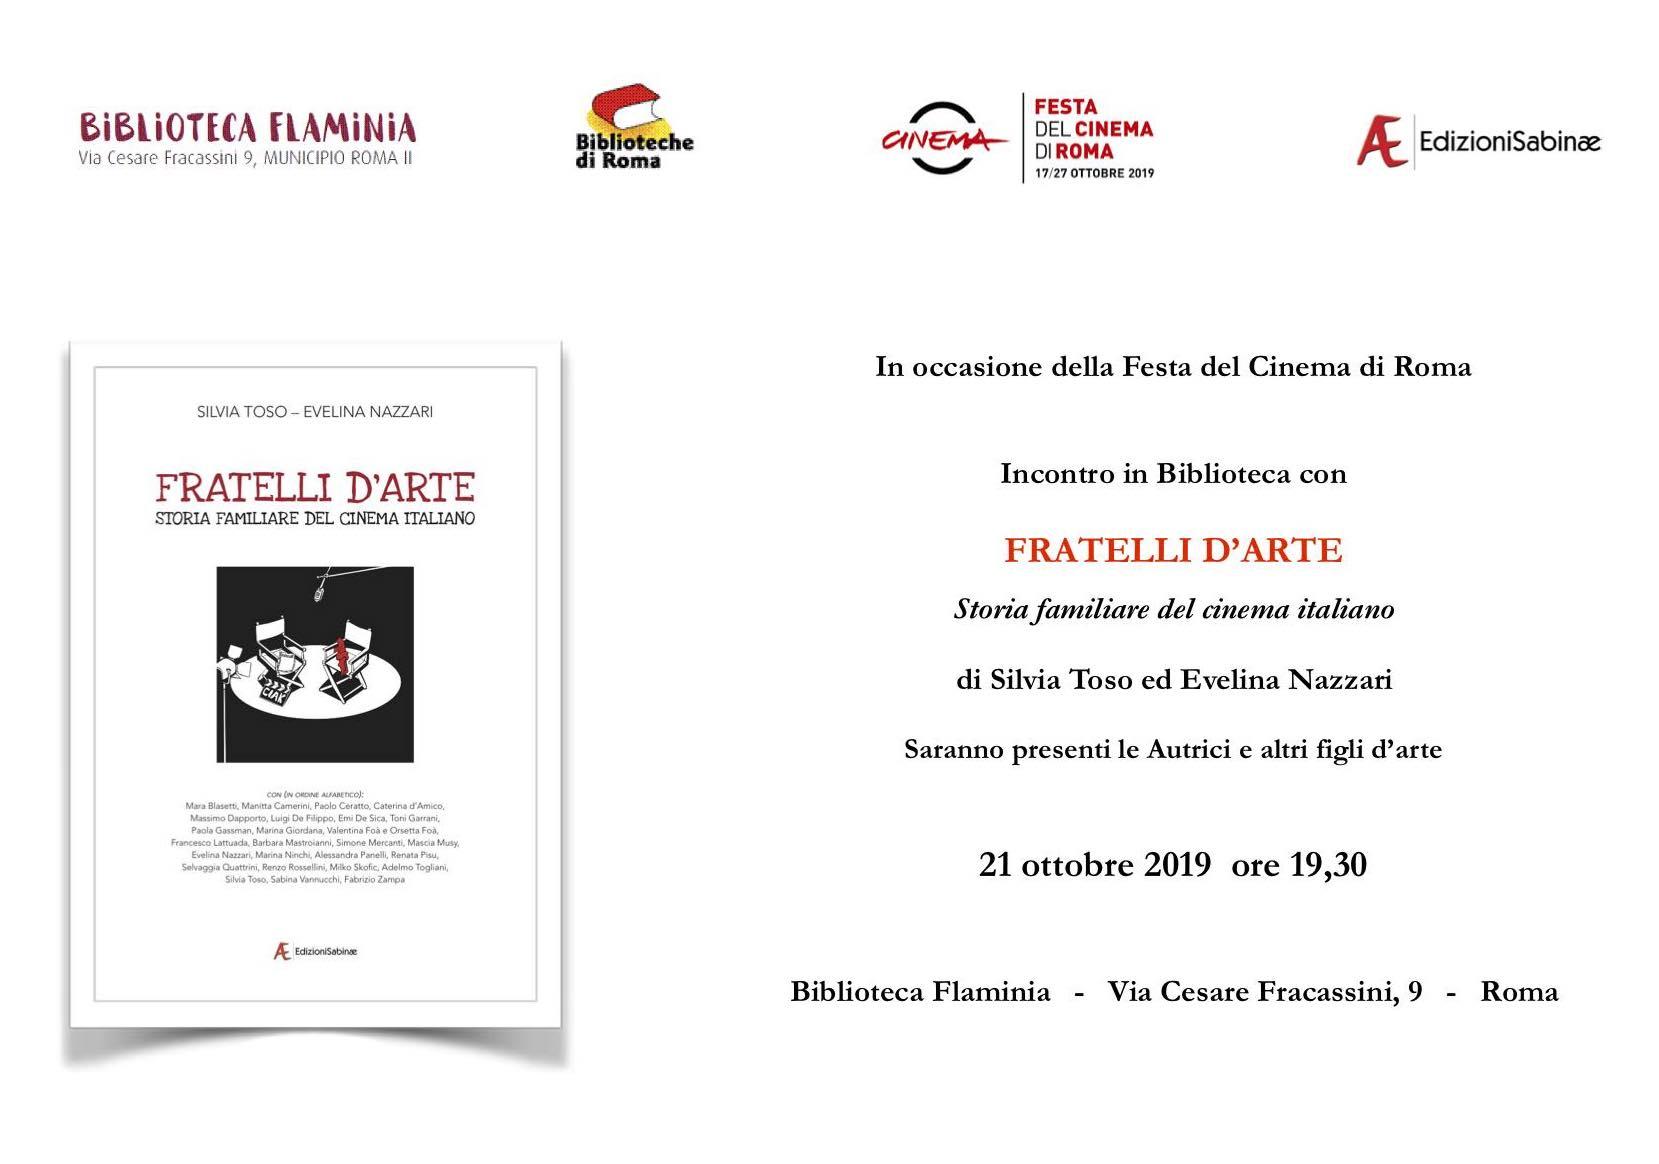 invito-21-ottobre-2019_biblioteca-flaminia_festa-del-cinema-roma